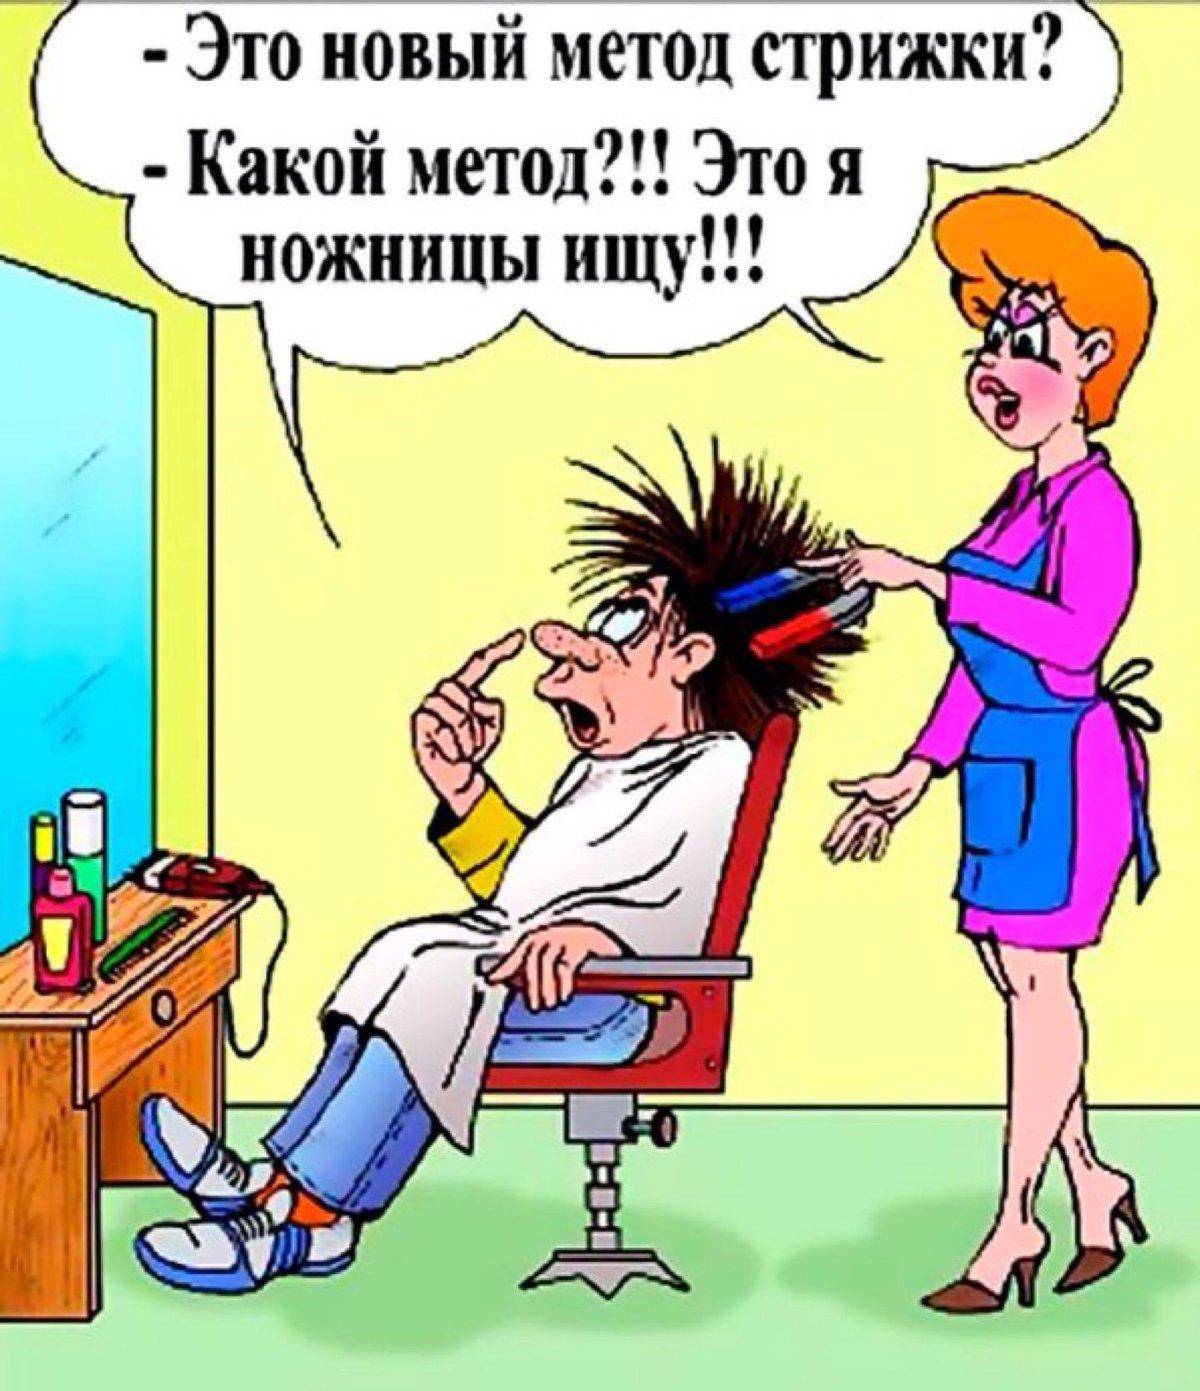 Для, прикольные картинки про парикмахеров с надписями